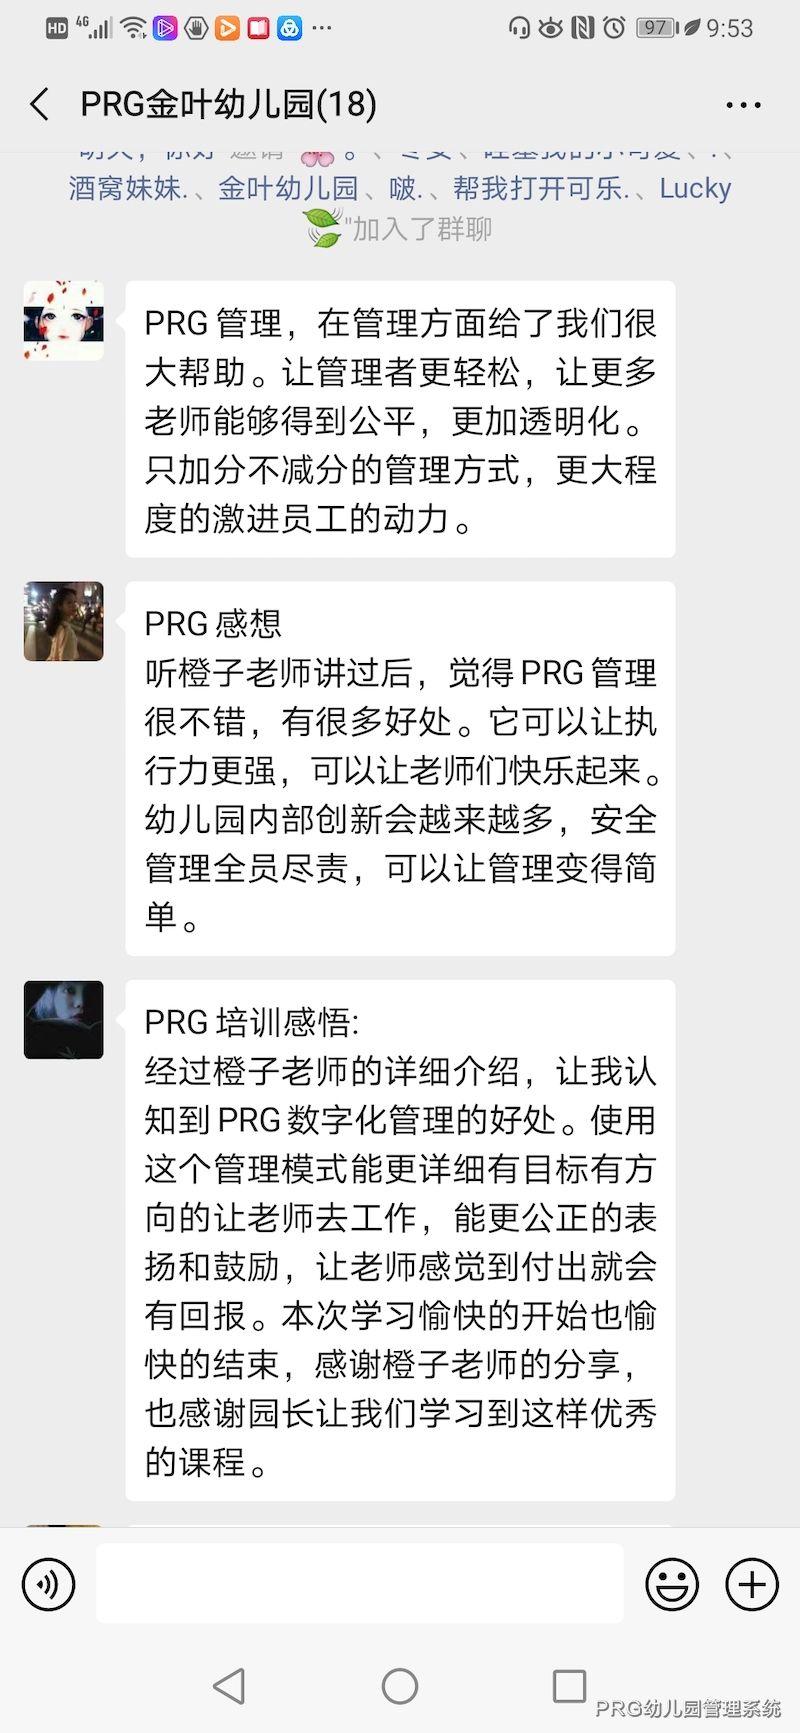 阜阳市金叶幼儿园PRG<a href=https://www.xiaoxianprg.com/ target=_blank class=infotextkey>幼儿园管理系统</a>学习2